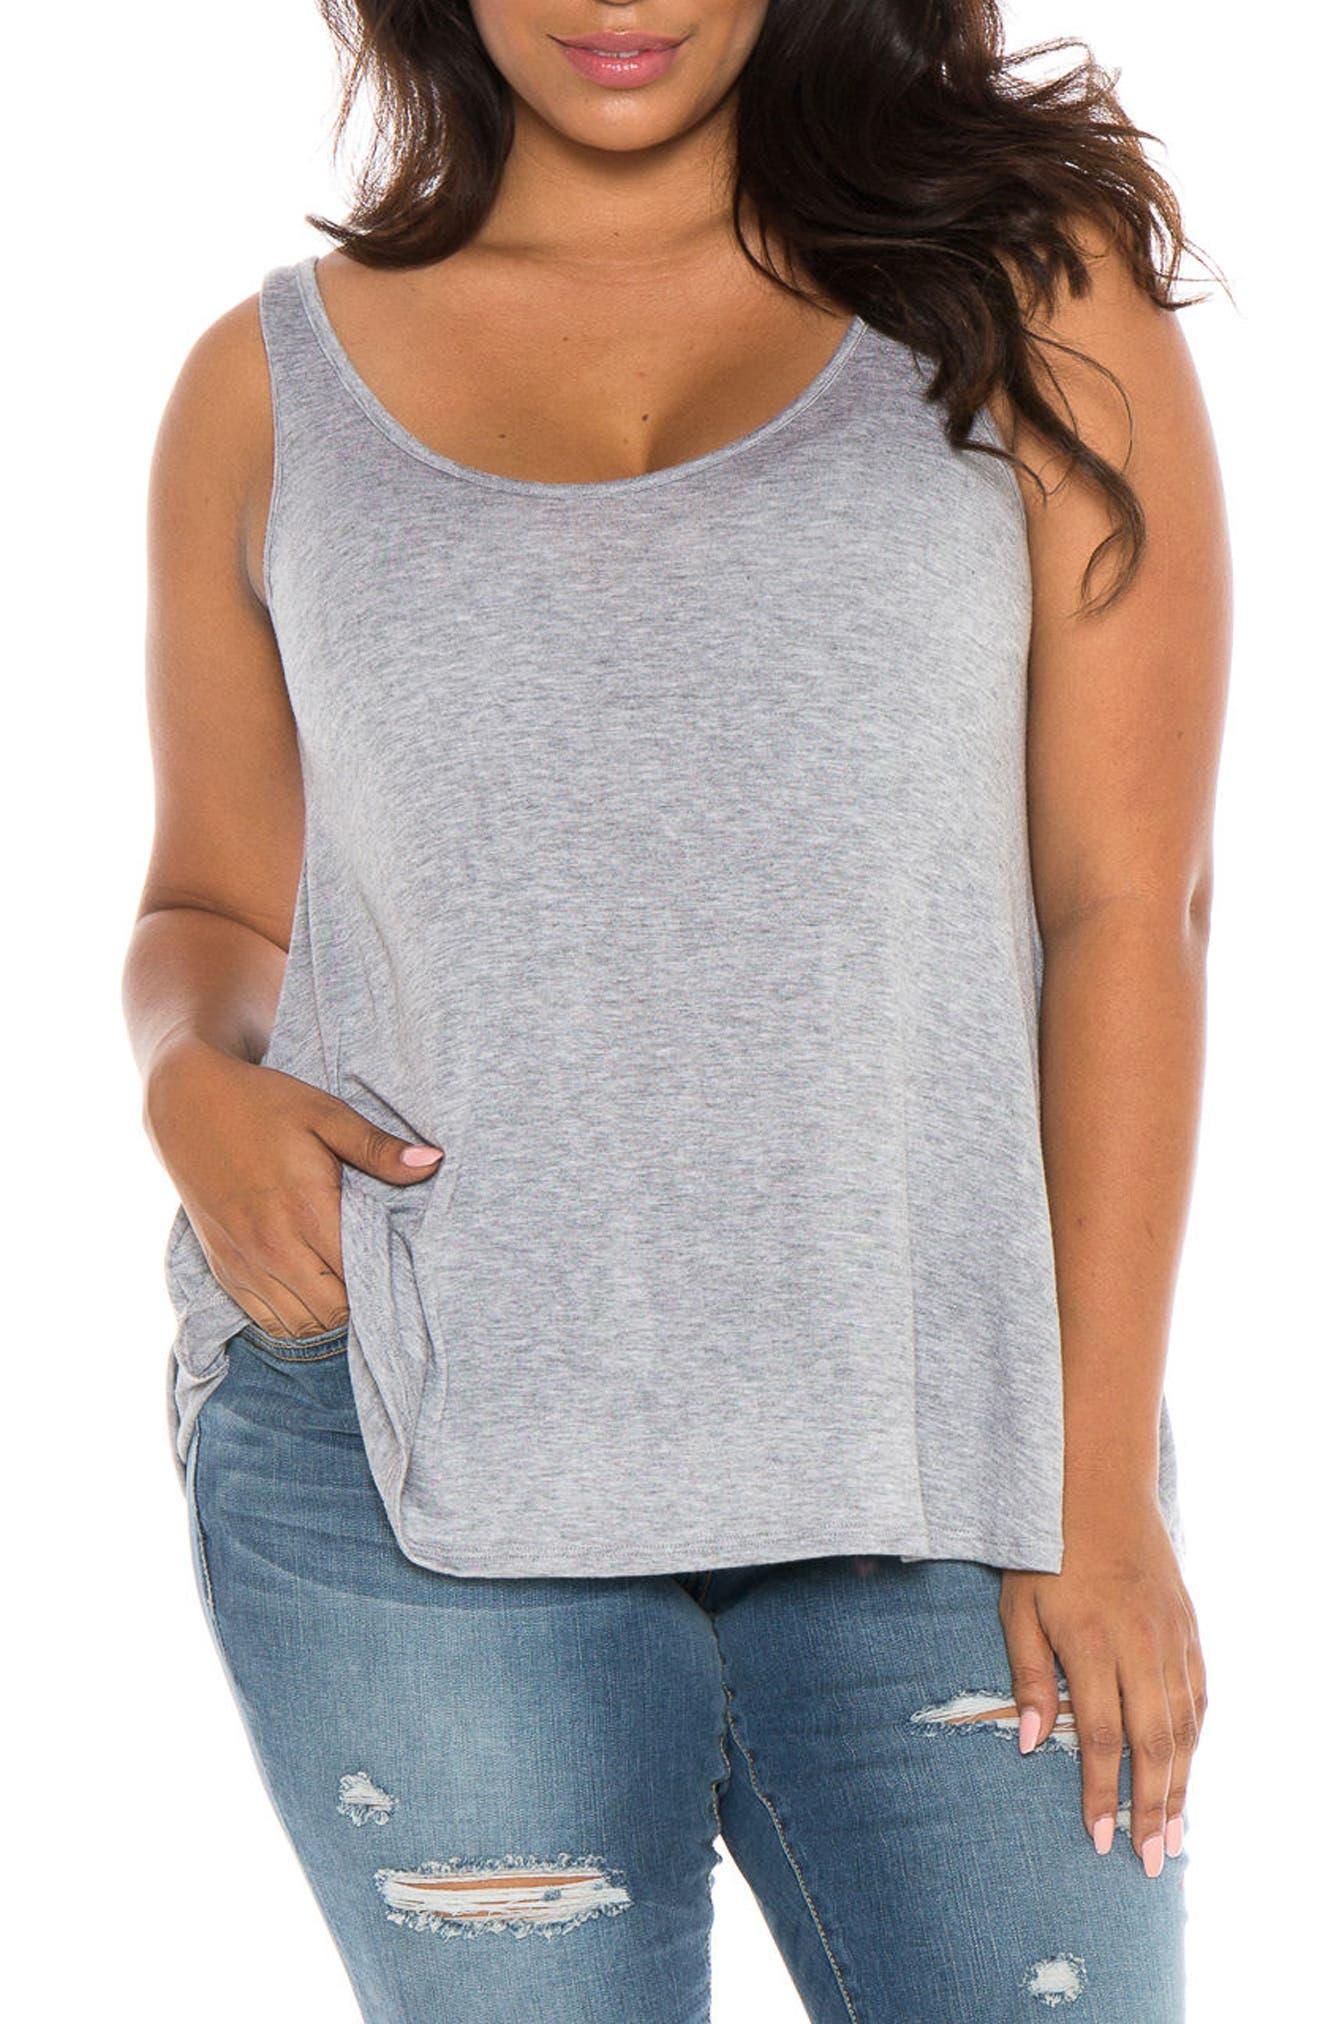 SLINK Jeans Tank (Plus Size)